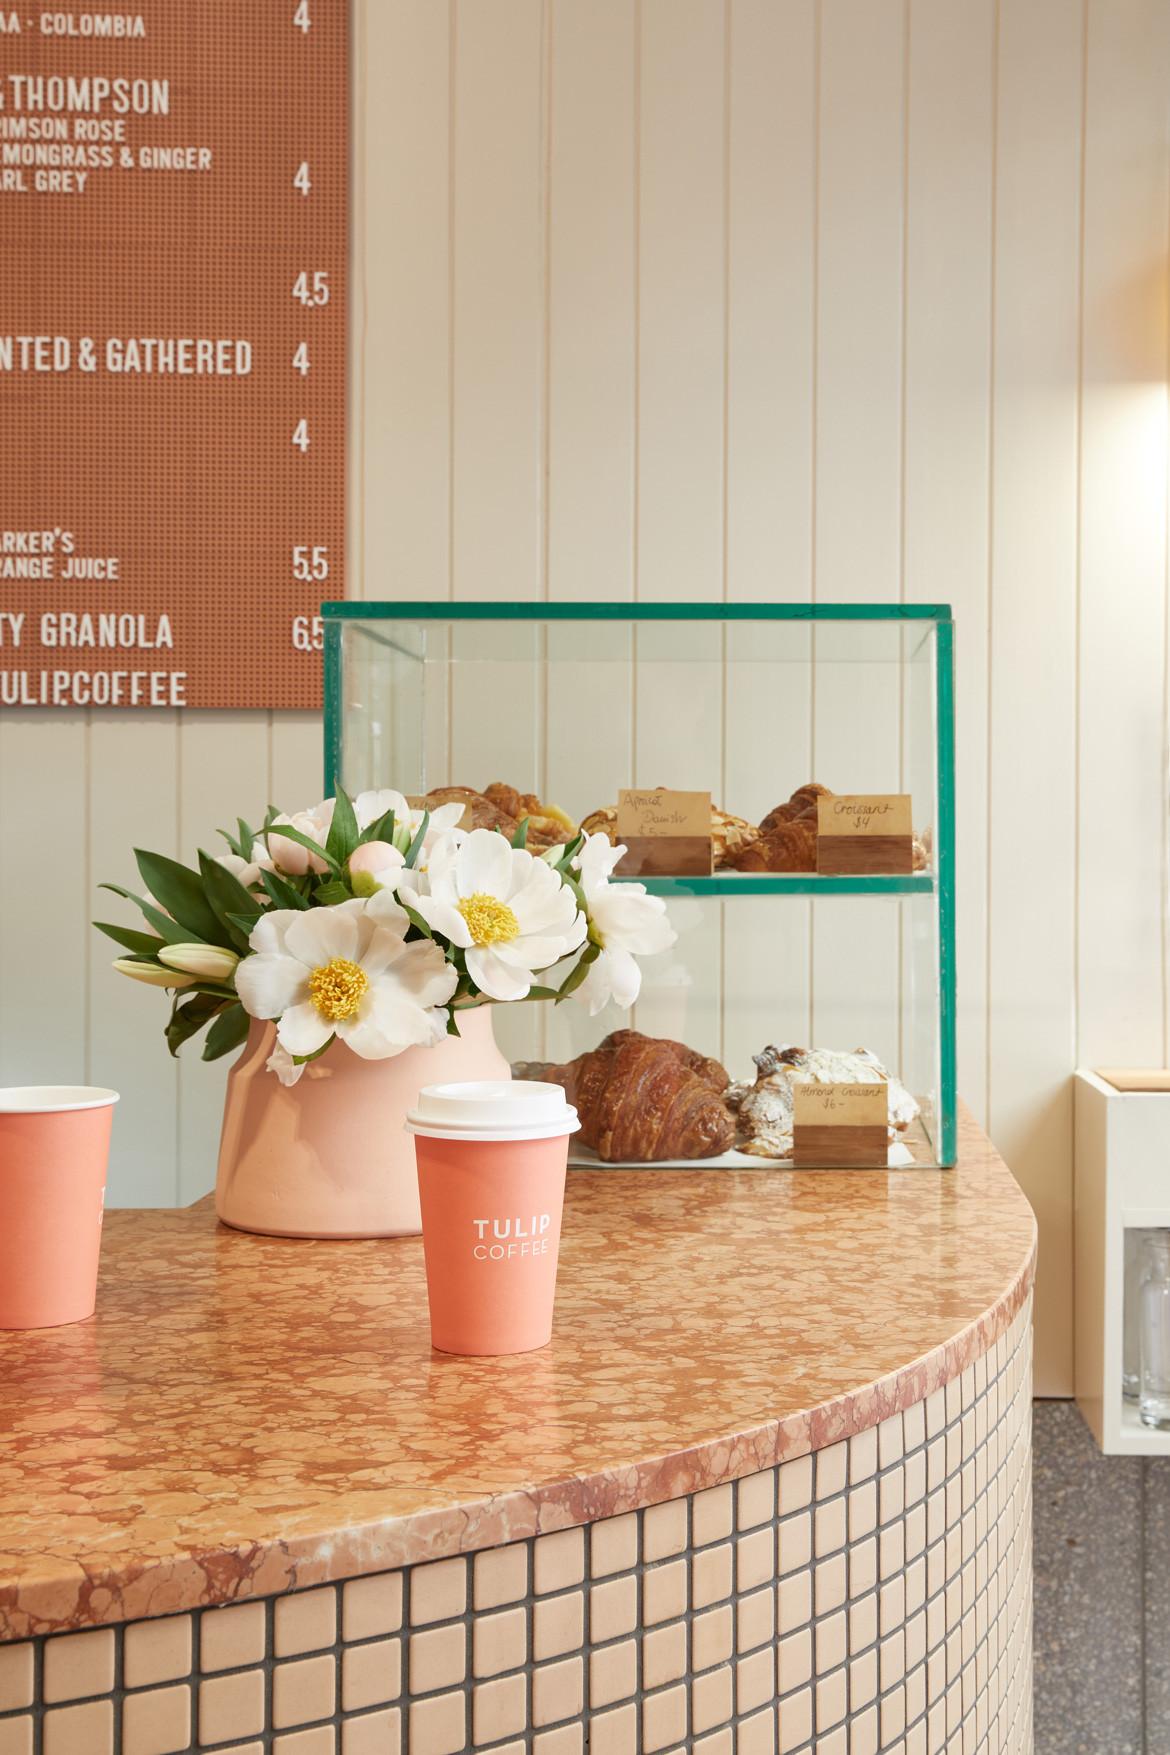 Tulip Cafe CoLab Design Studio Booth Countertop